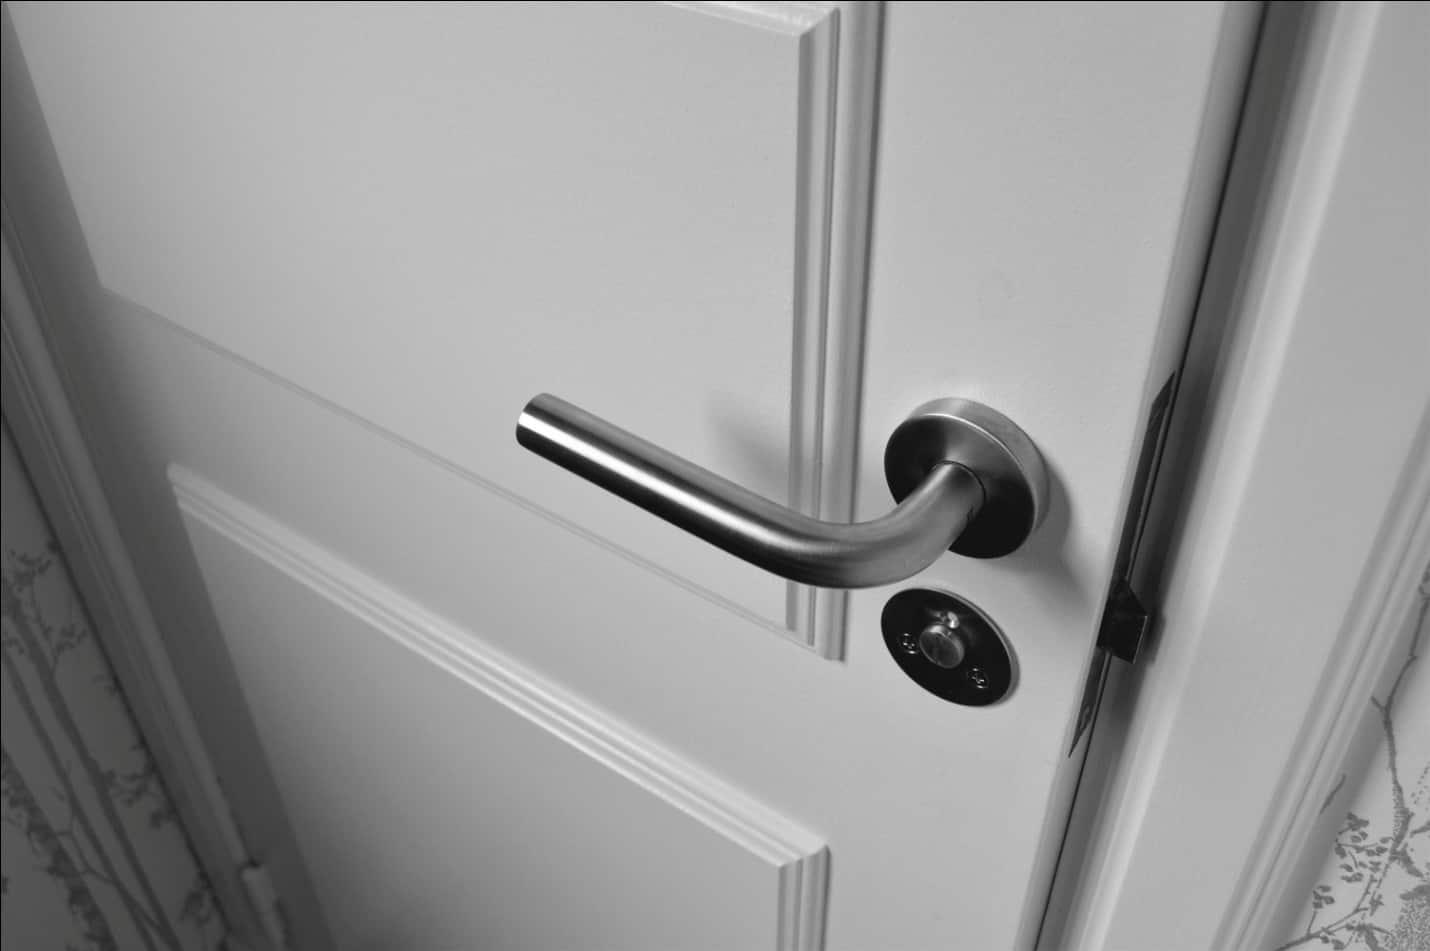 Bästa sätt att rengöra dörrhandtag